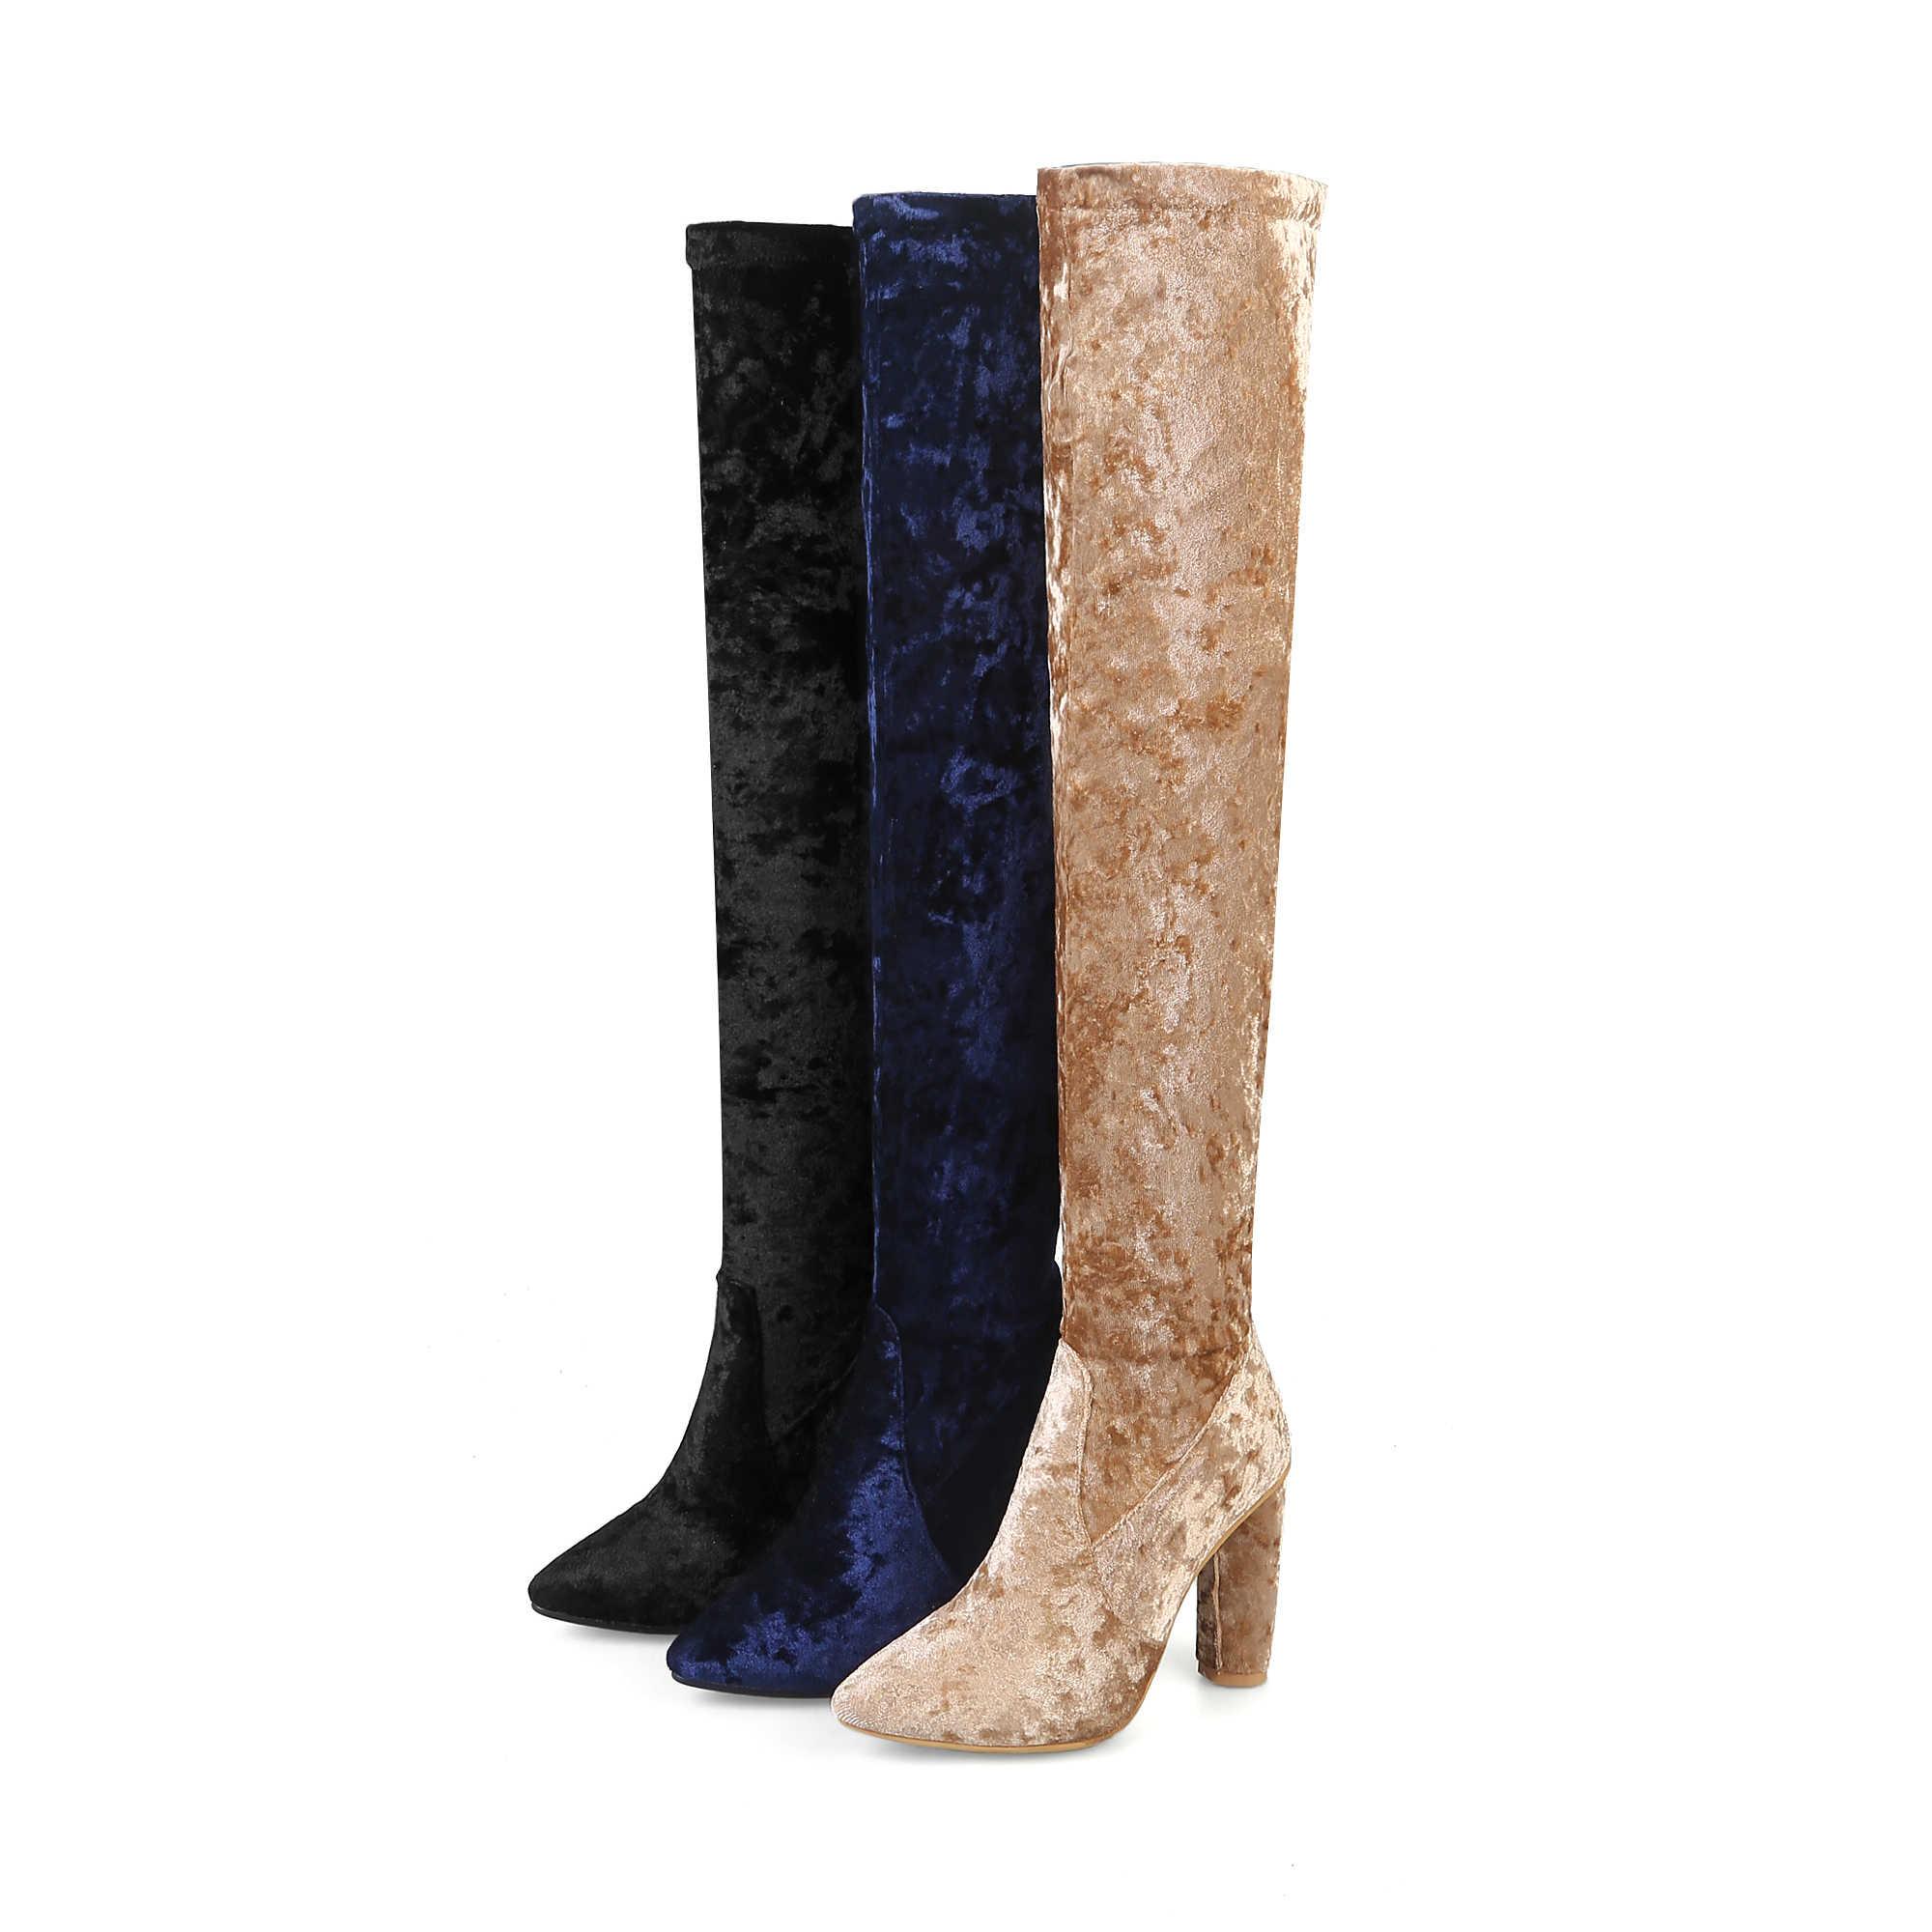 Bej Siyah Sivri burun Blok Topuk Uyluk Botlar Kadın Moda Kış Diz Çizmeler üzerinde Bayanlar Parti Streç Çizmeler Uzun çizmeler